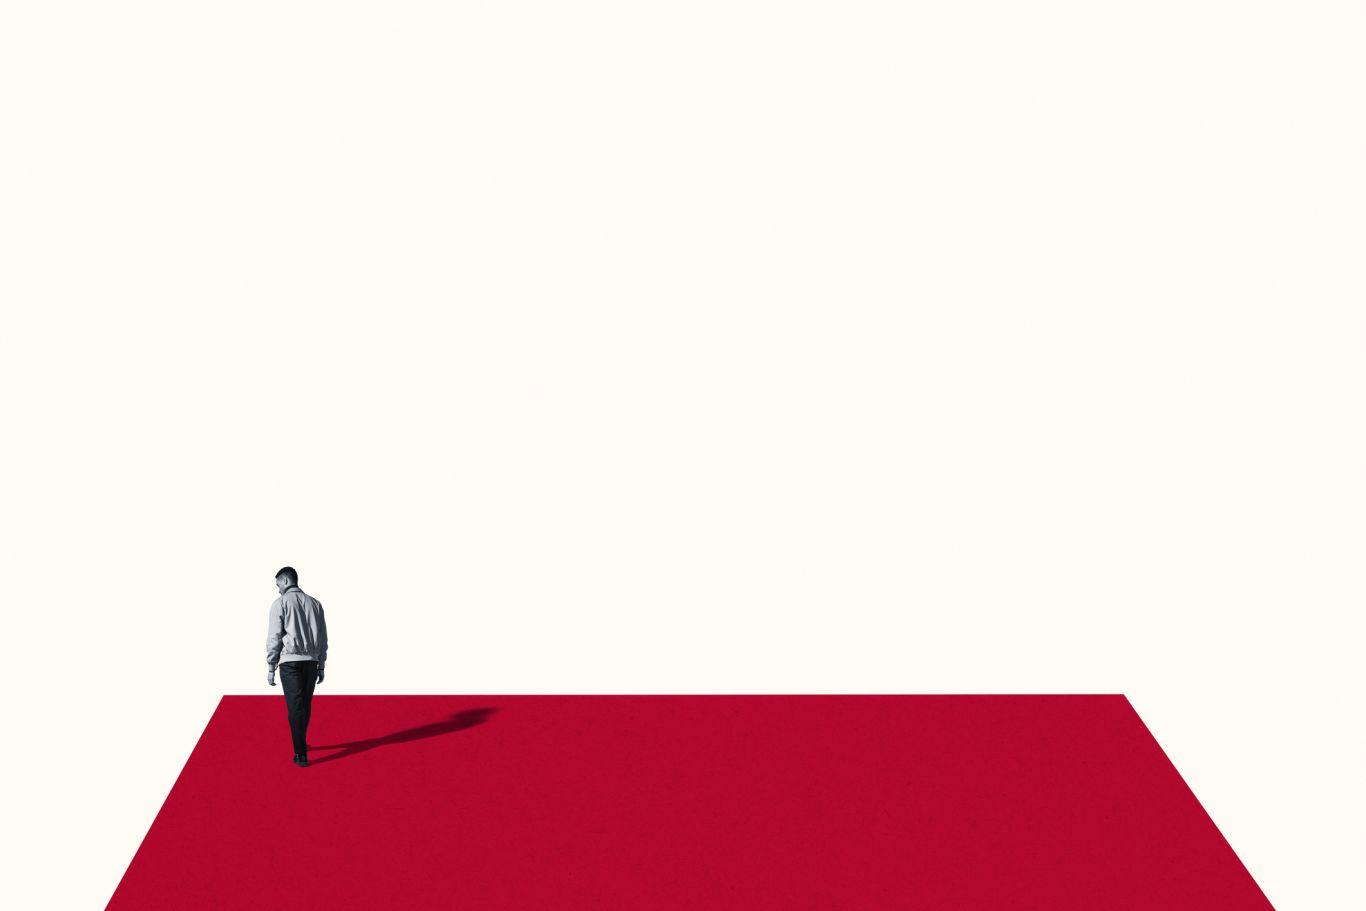 pessoa sozinha em espaço vermelho com fundo branco